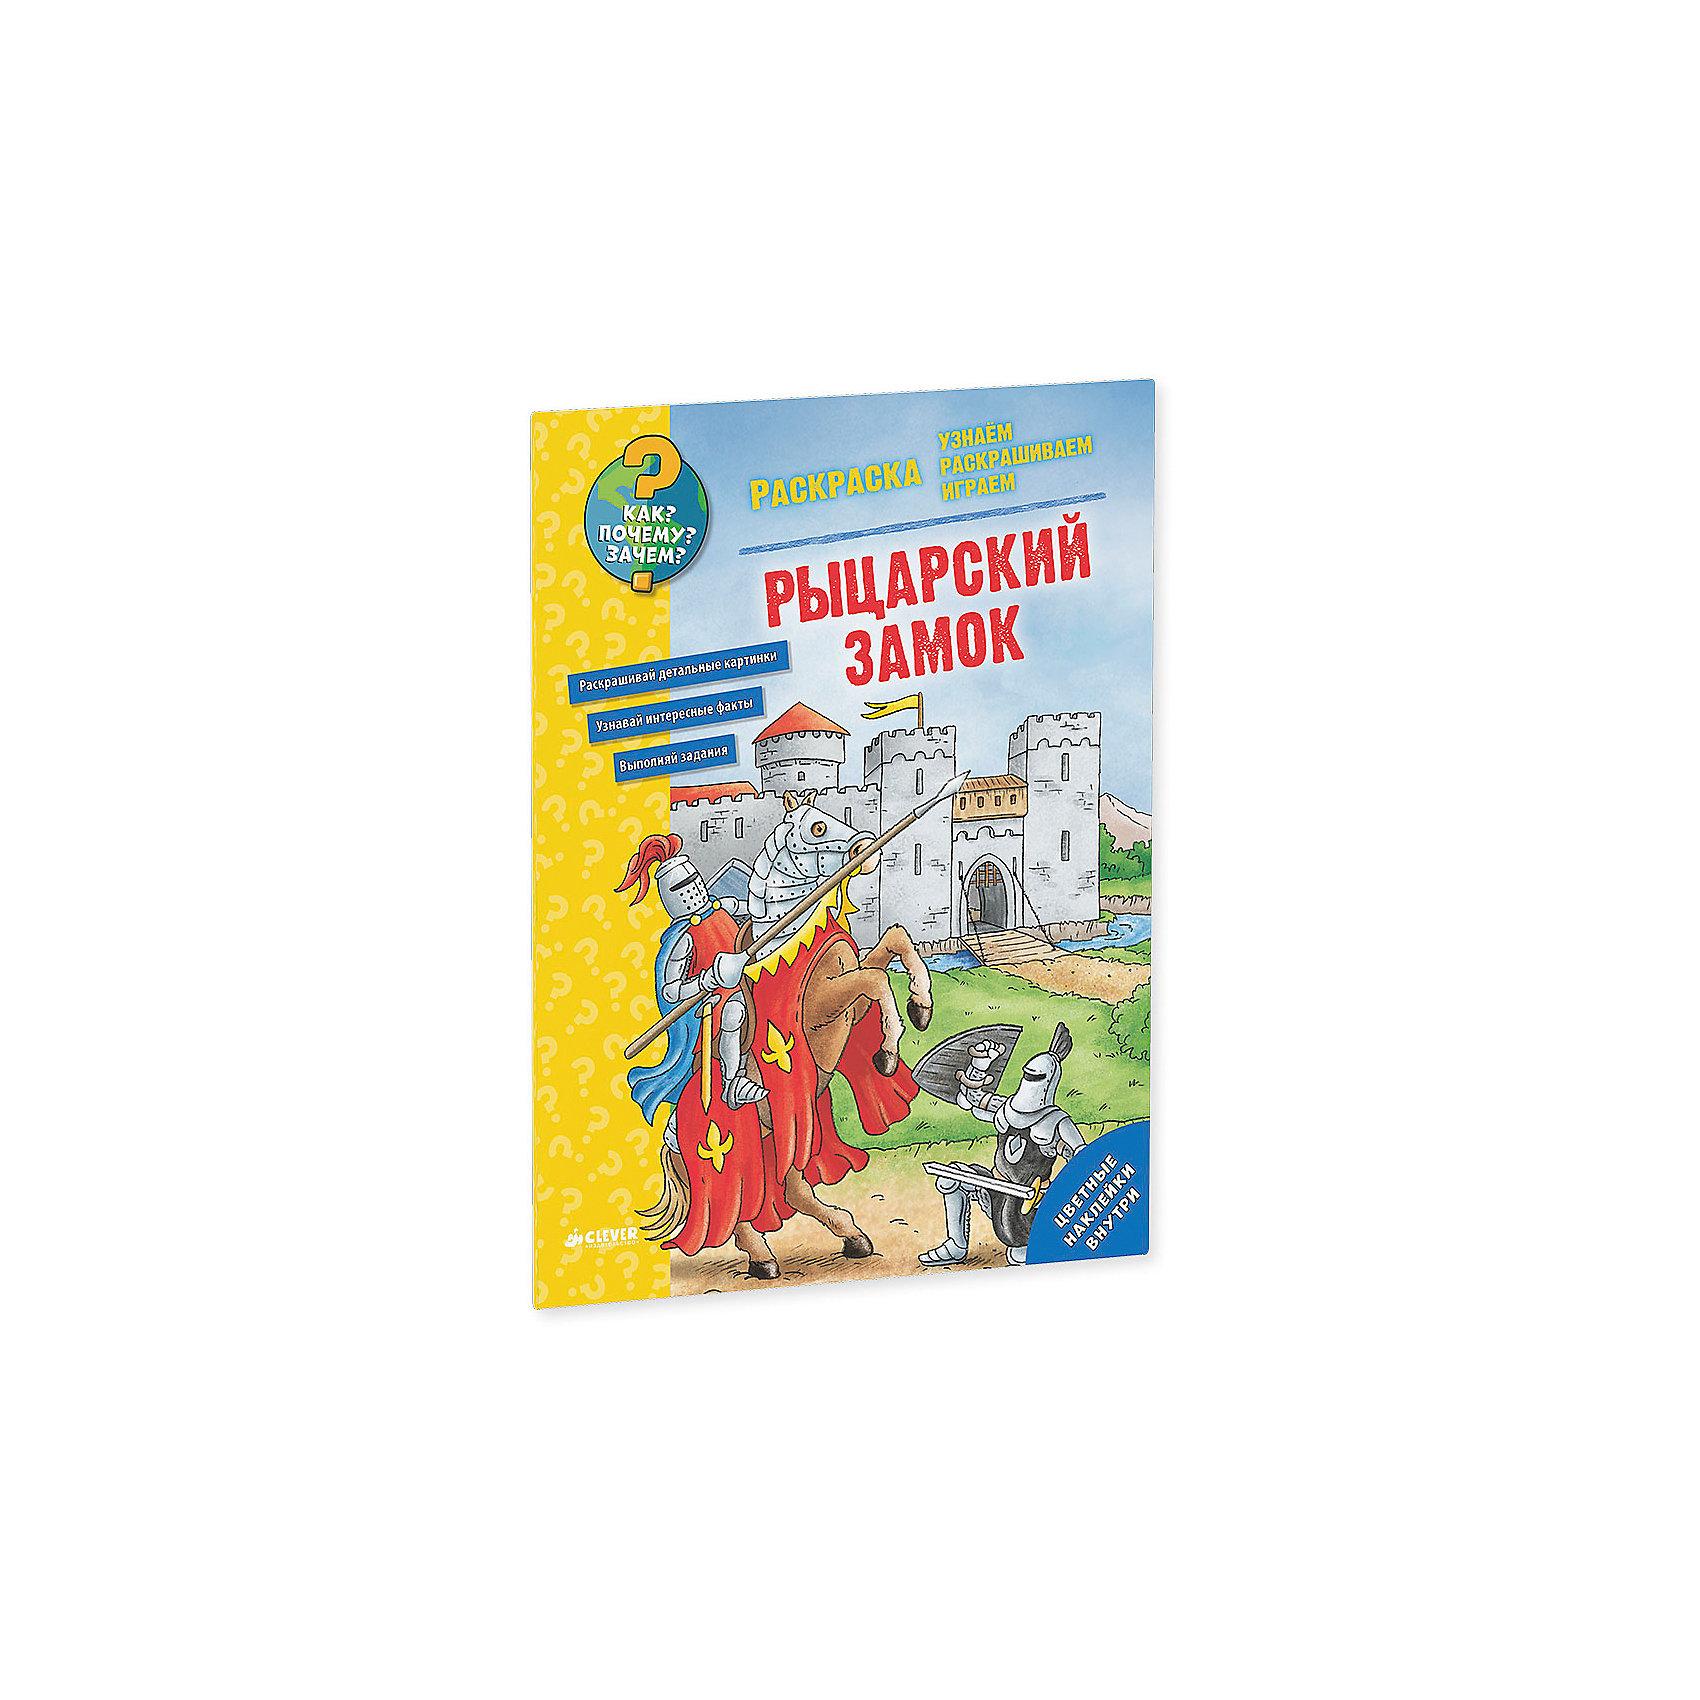 Раскраска Рыцарский замок, Как? Почему? Зачем?Раскраски для детей<br>Раскраска Рыцарский замок, Как? Почему? Зачем?<br><br>Характеристики:<br><br>• ISBN: 978-5-906899-43-9<br>• Кол-во страниц: 24<br>• Возраст: от 4 лет<br>• Формат: а4<br>• Размер книги: 285x215x2 мм<br>• Бумага: офсет<br>• Вес: 145 г<br>• Обложка: мягкая<br><br>Эта книга-раскраска откроет для ребенка мир внутри зоопарка. Читая и раскрашивая увлекательные иллюстрации, ребенок сможет узнать кто такие рыцари, где они живут и как ими становятся. Книга содержит детальные рисунки, цветные наклейки и интересные задания.<br> <br>Раскраска Рыцарский замок, Как? Почему? Зачем? можно купить в нашем интернет-магазине.<br><br>Ширина мм: 285<br>Глубина мм: 215<br>Высота мм: 5<br>Вес г: 145<br>Возраст от месяцев: 48<br>Возраст до месяцев: 72<br>Пол: Мужской<br>Возраст: Детский<br>SKU: 5377769